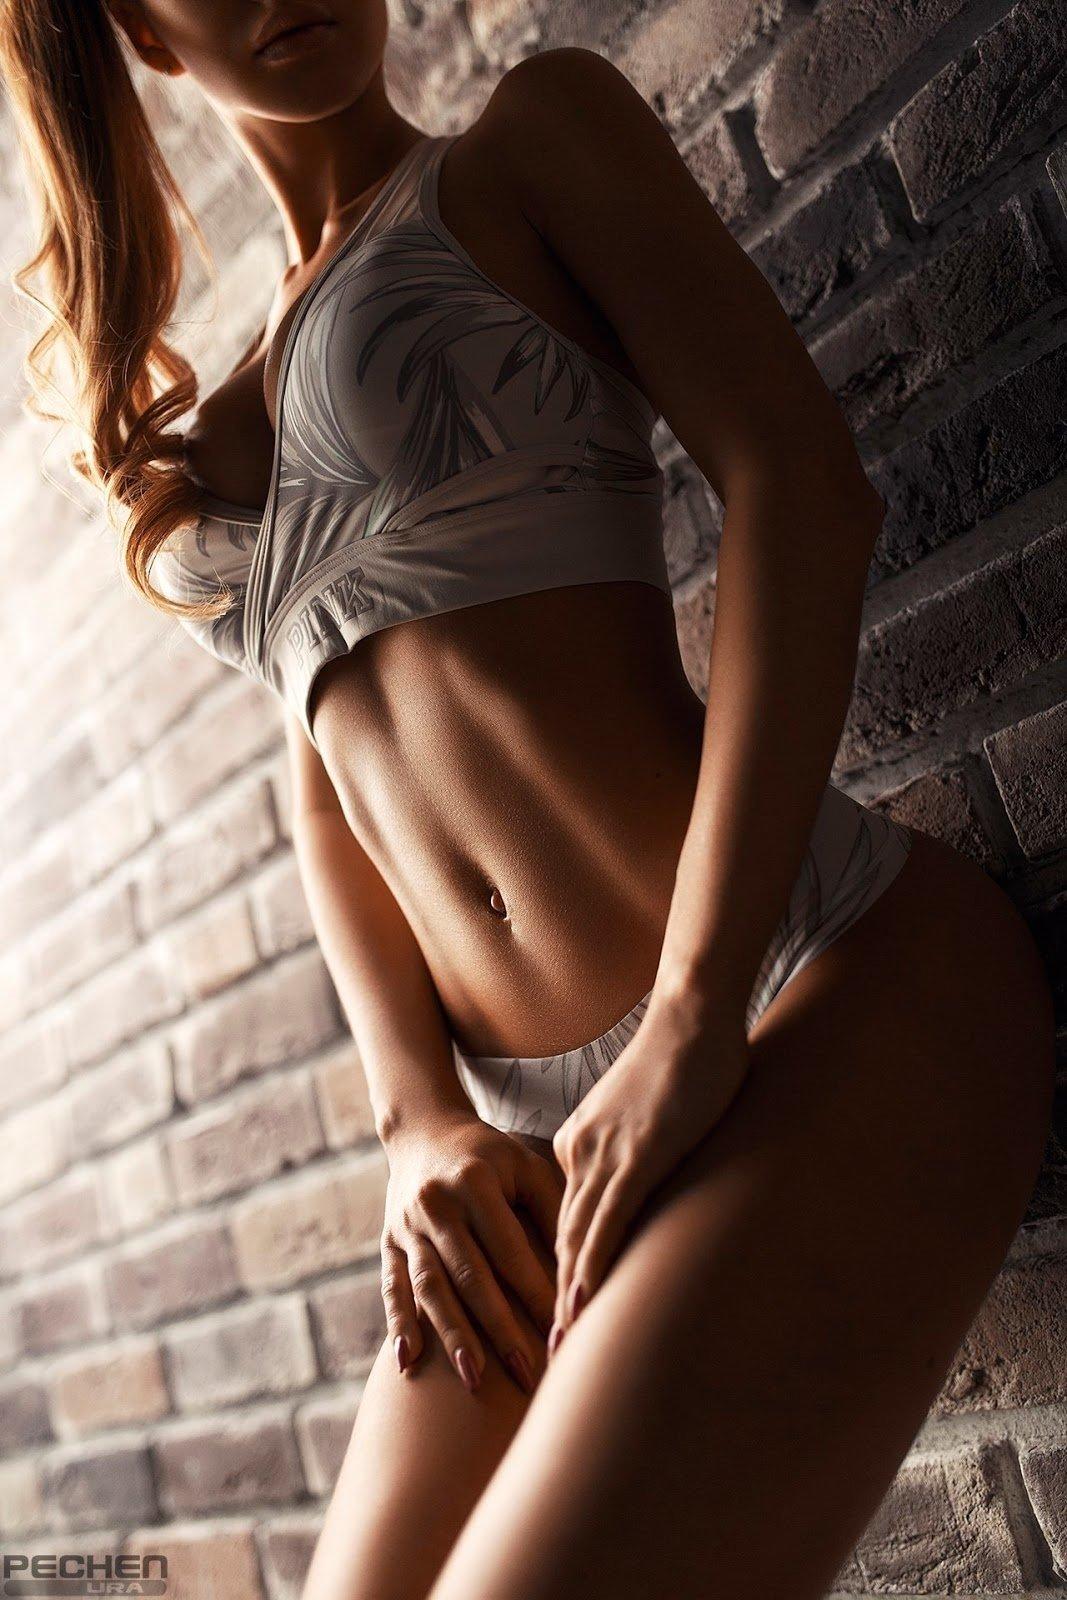 Красивая Обнаженная Женская Фигура Фото